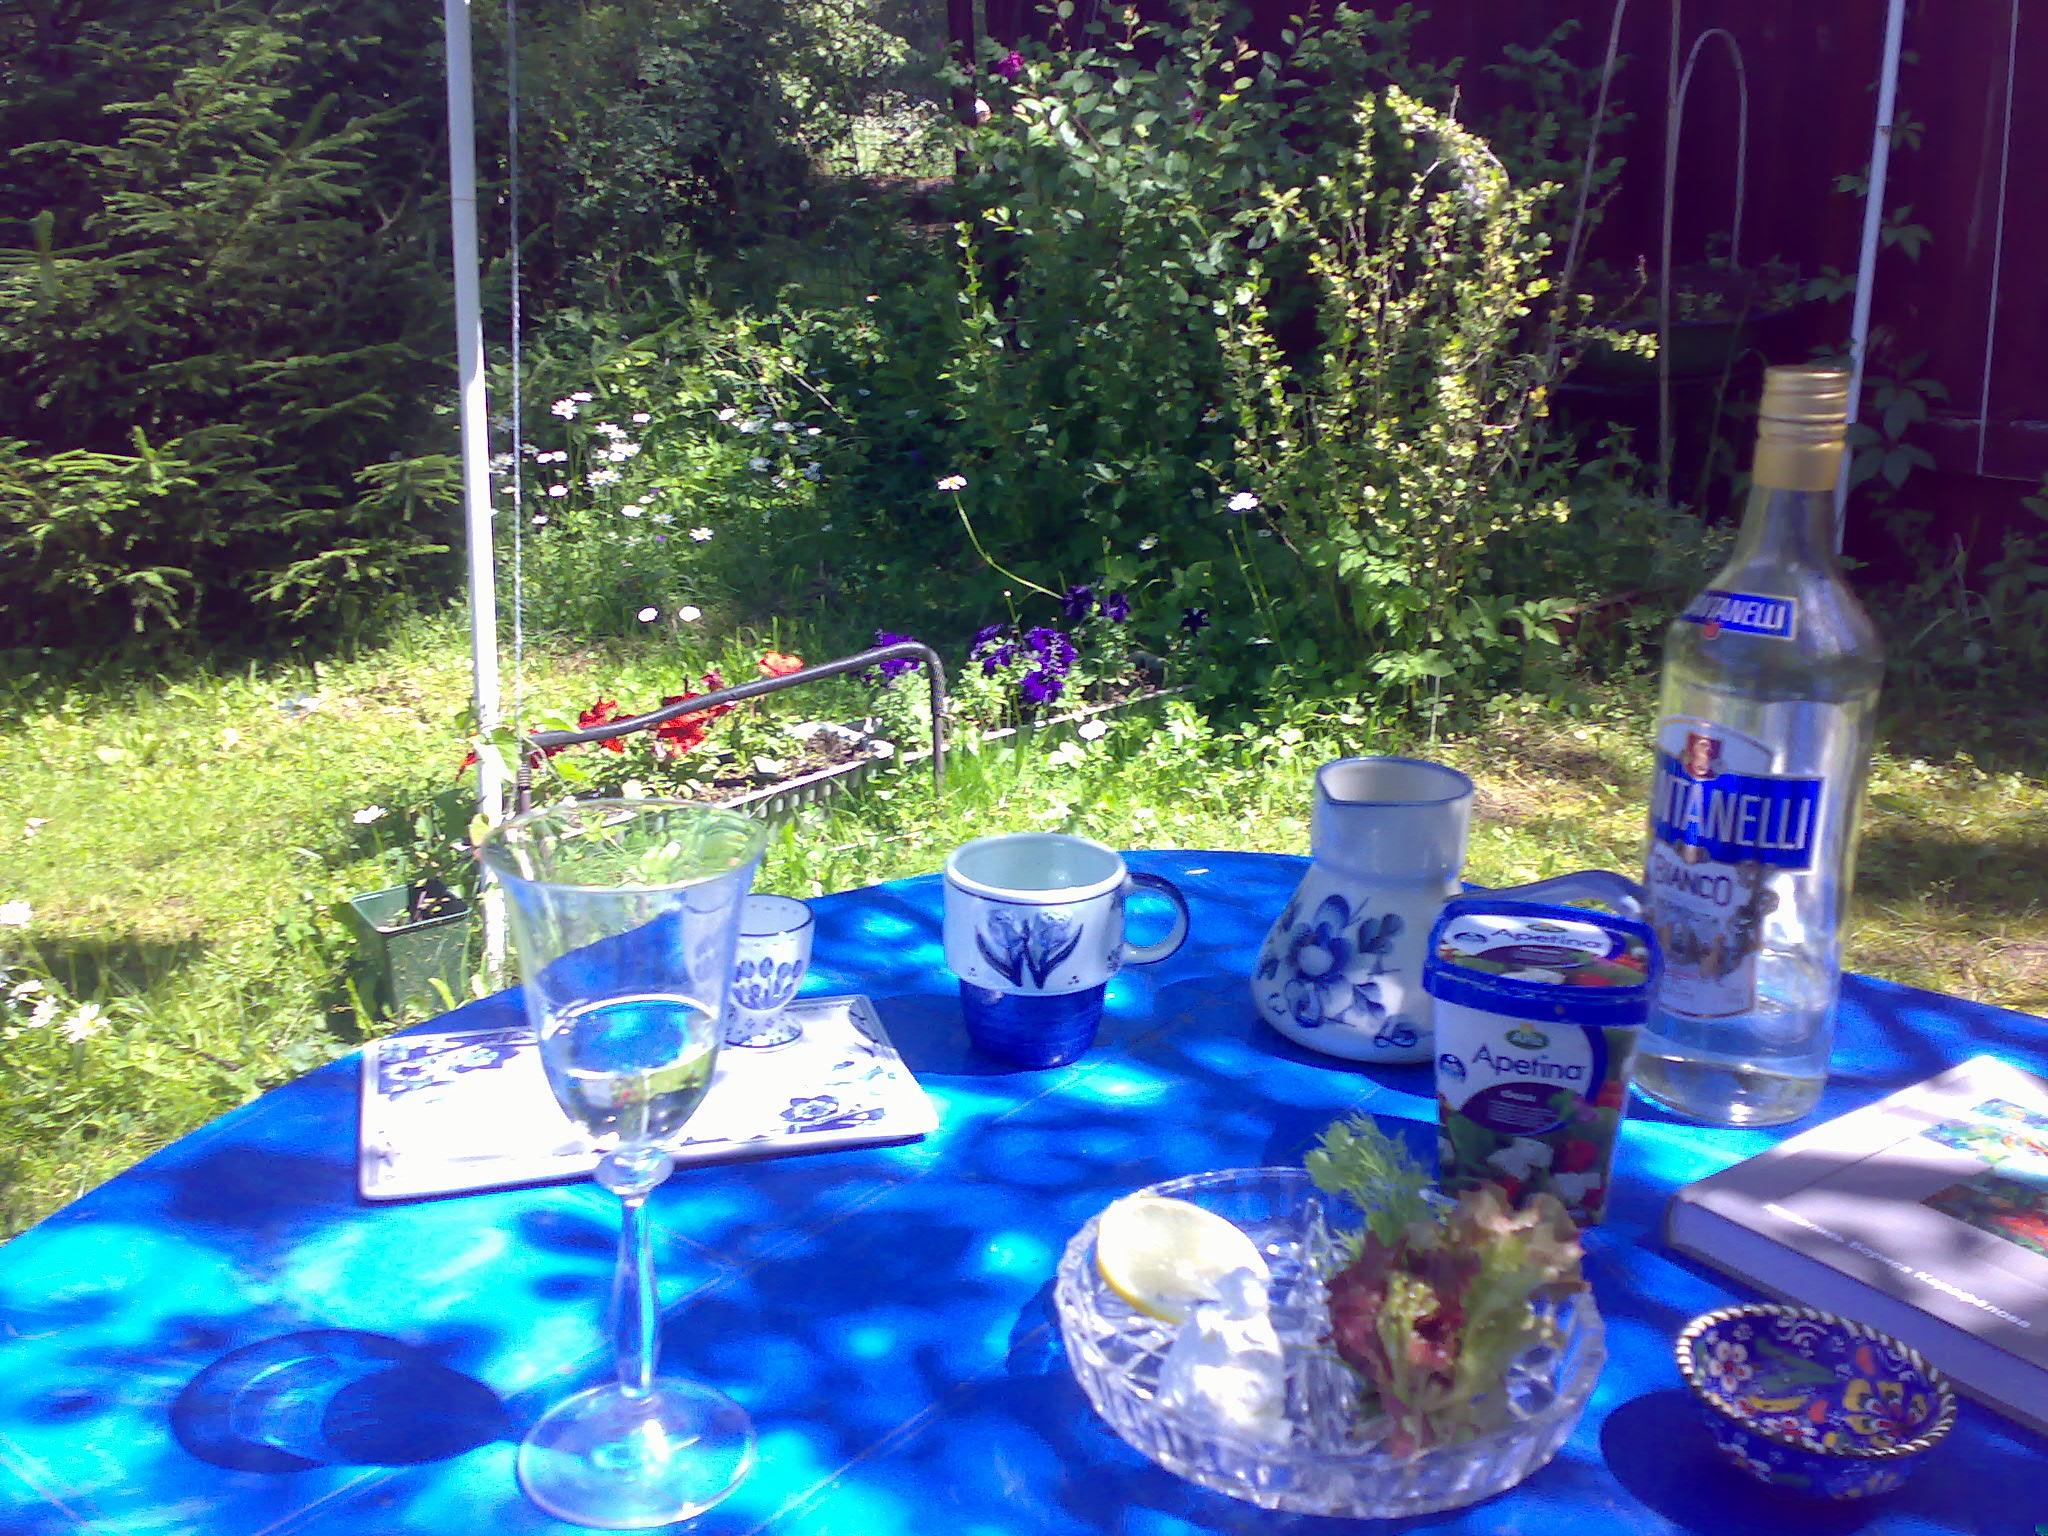 Завтрак на траве в голубом. Блиц: стекло